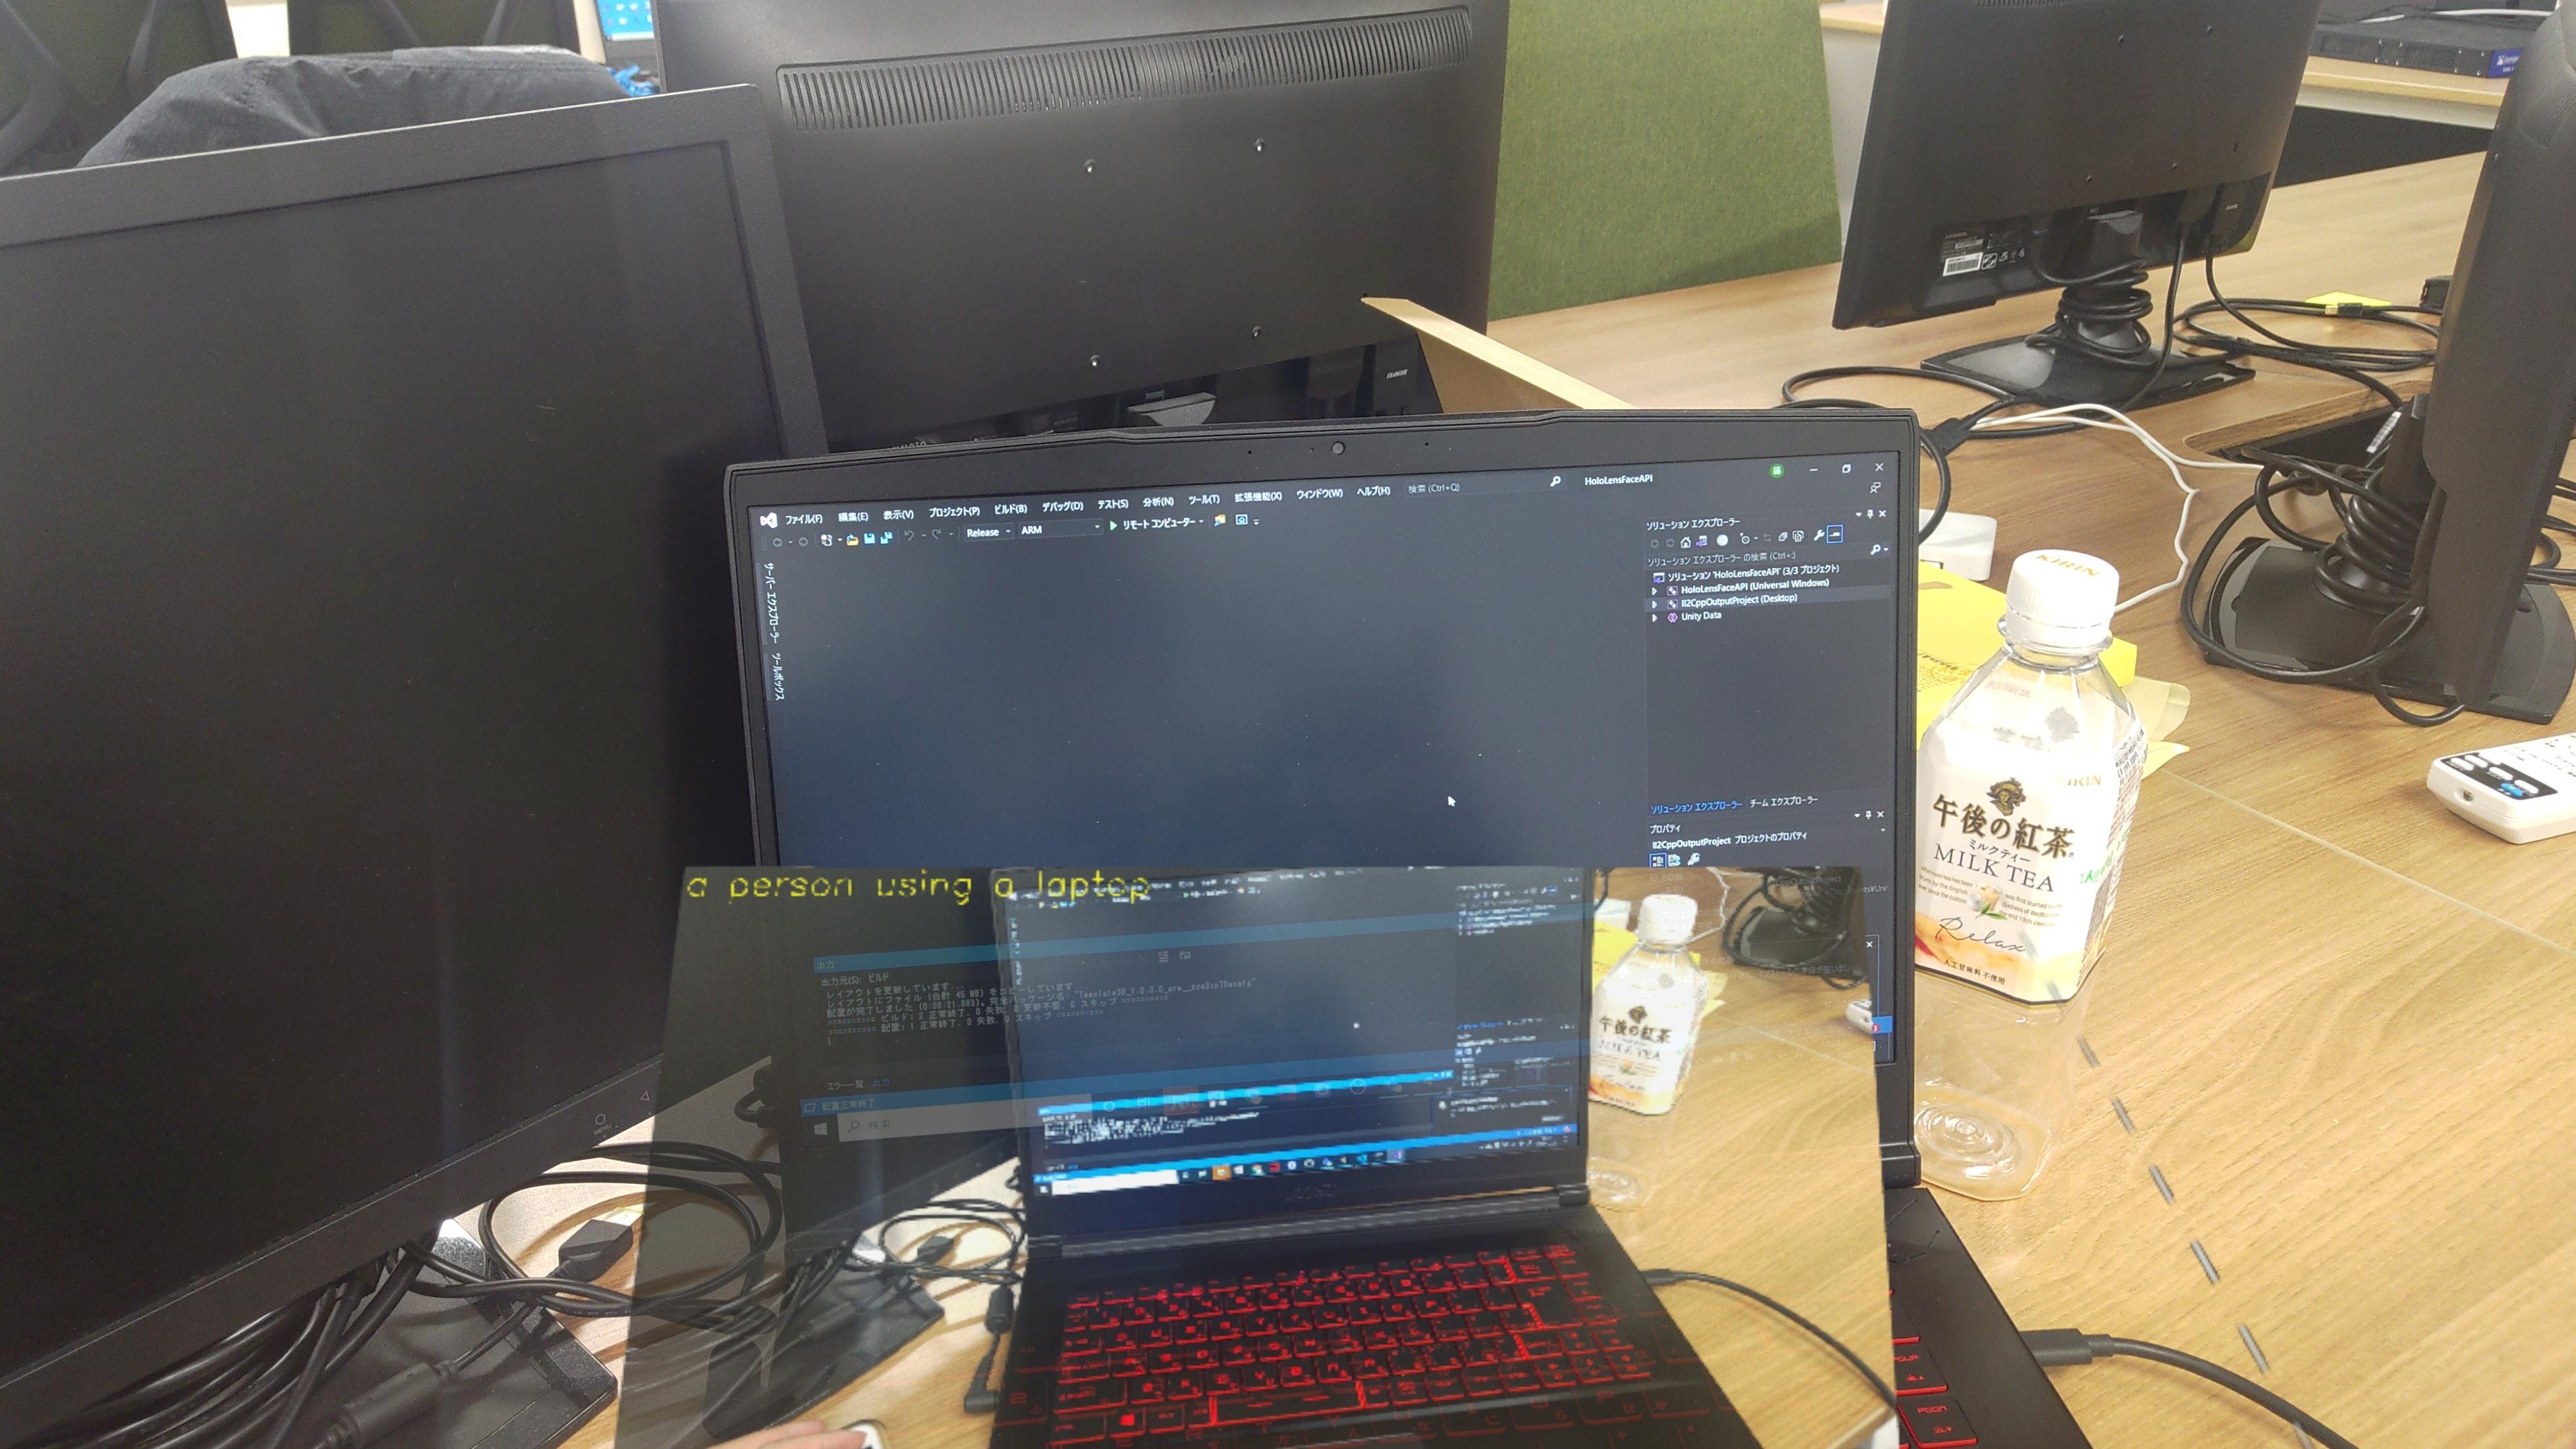 20201205_185710_HoloLens.jpg